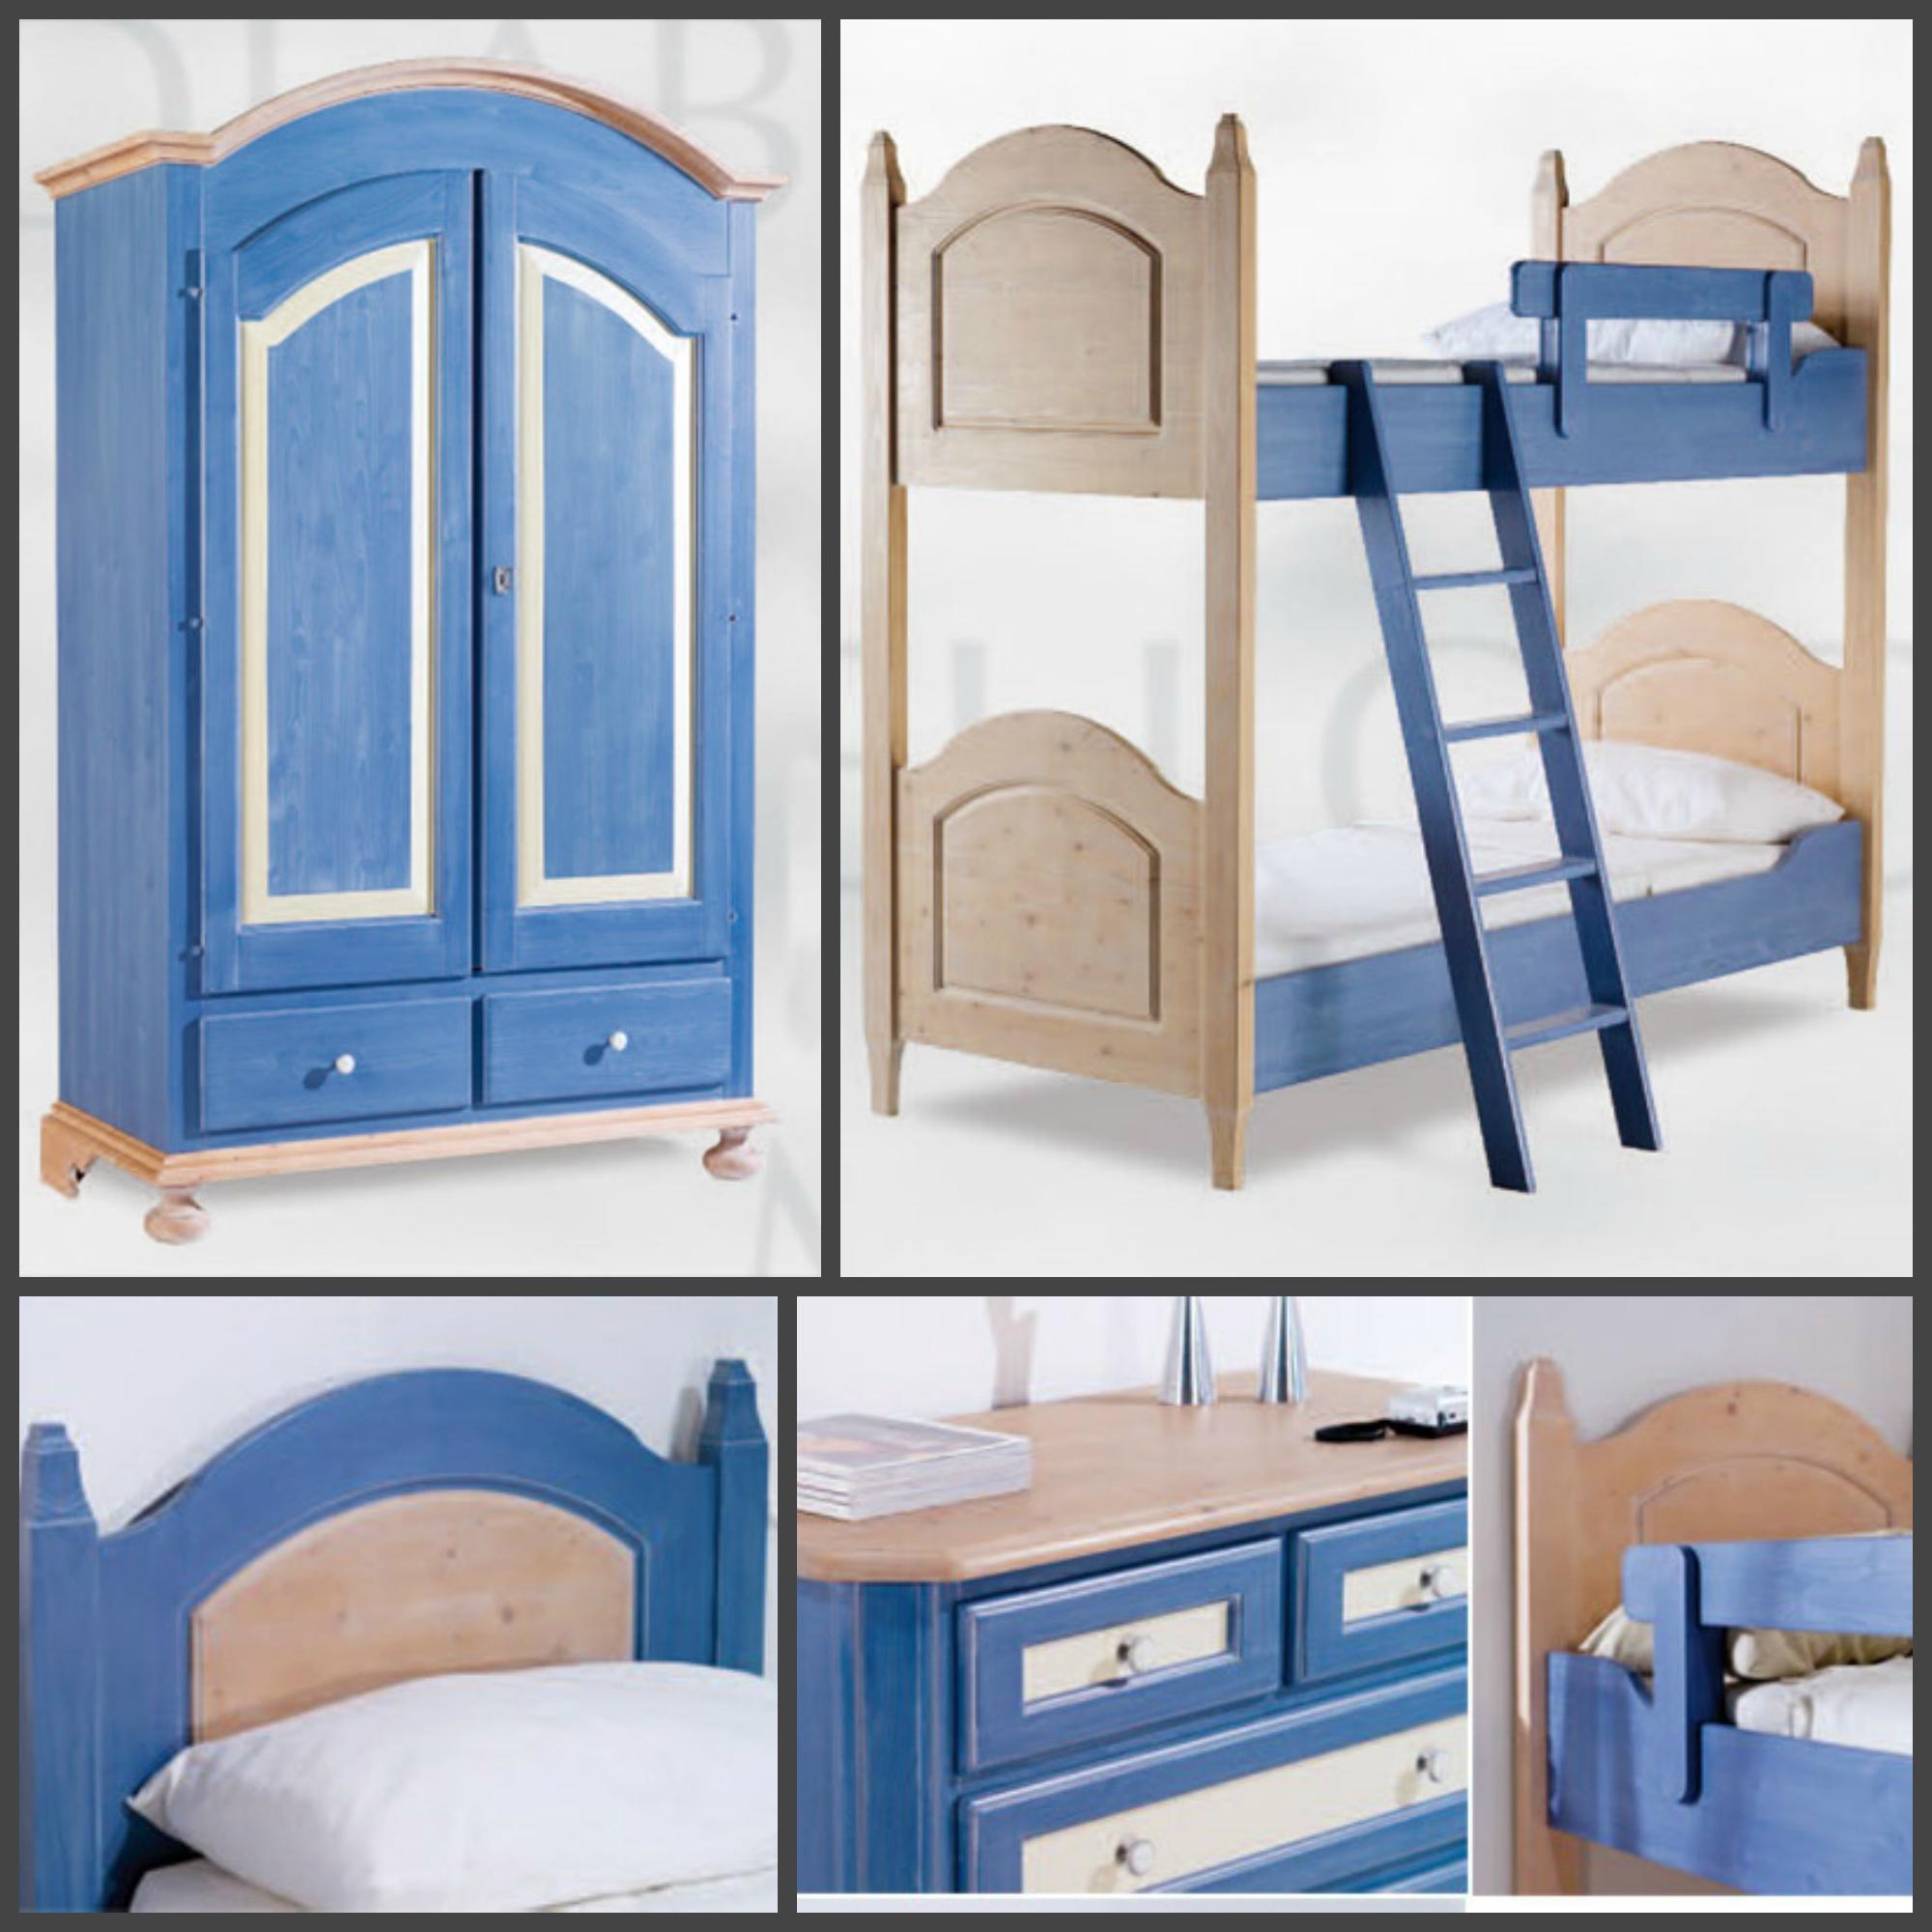 Cameretta in legno di abete con particolari blu - Camerette di legno ...